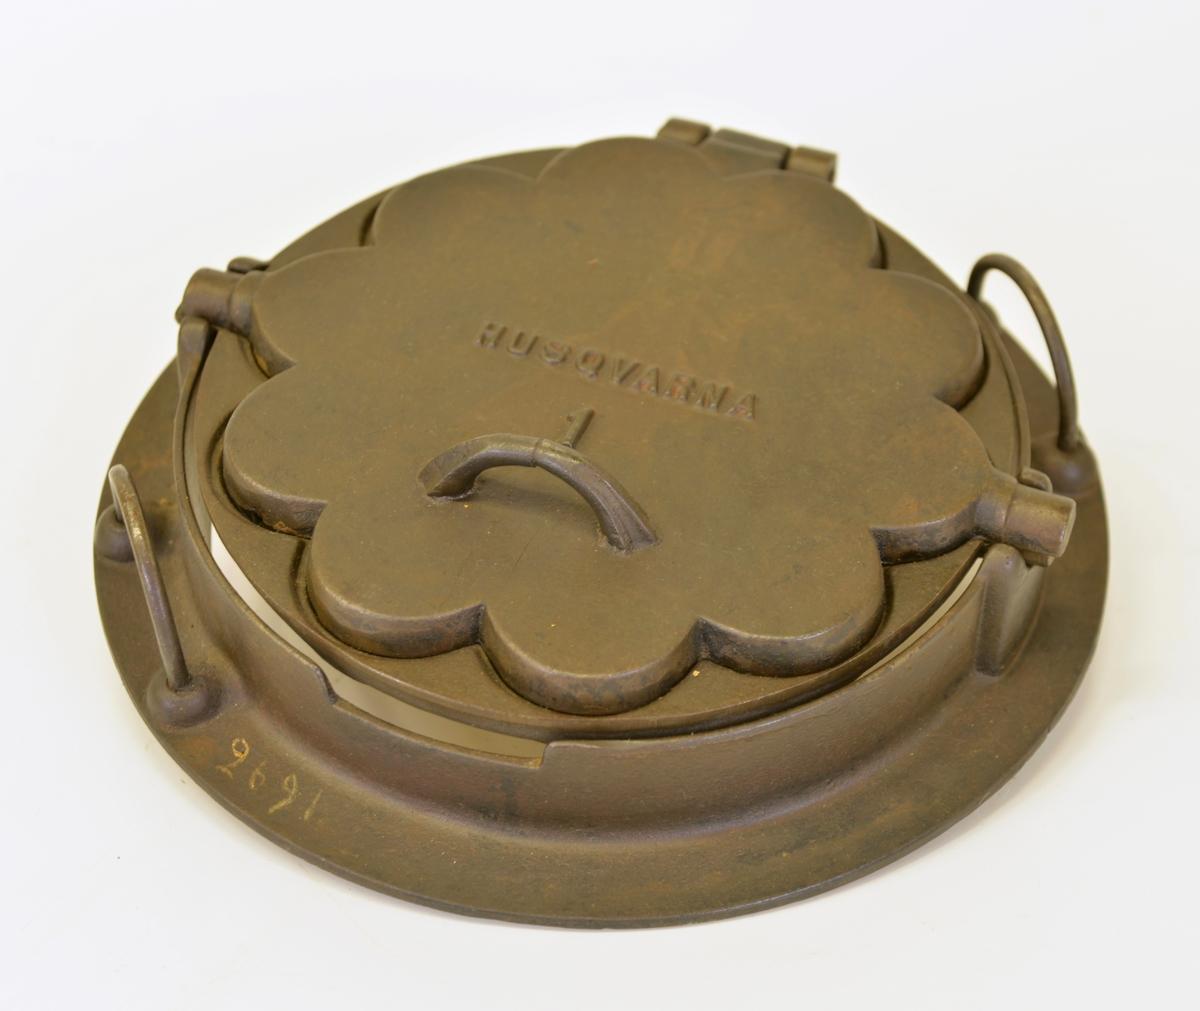 Våffeljärn tillverkat av Husqvarna.